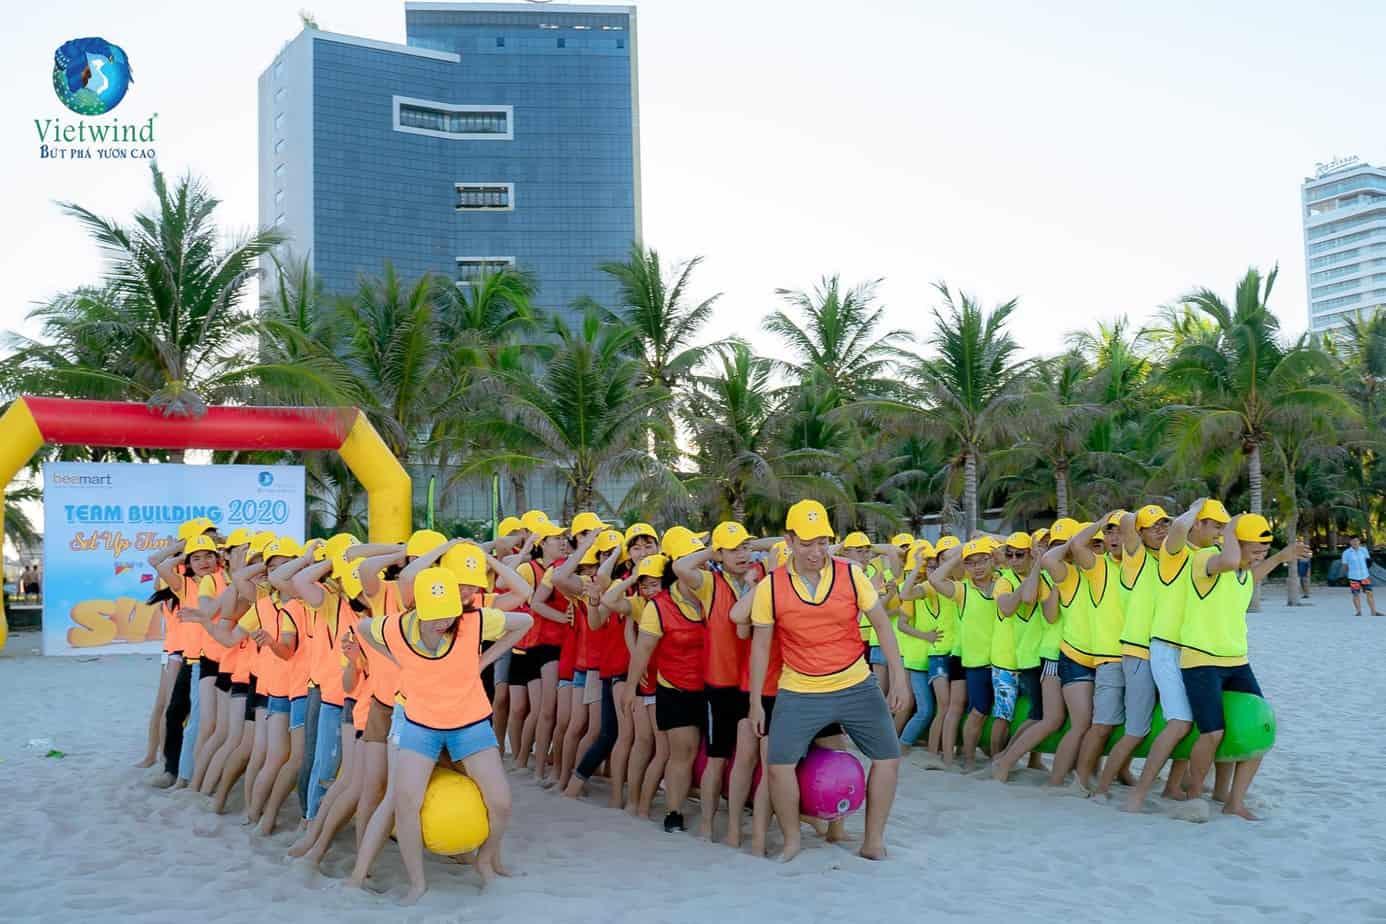 Top 10 Đơn Vị Tổ Chức Teambuilding Uy Tín Tại Hà Nội -  - Công ty Ancoric | Công ty Cổ Phần Việt Nam Team Building | Công ty CP Du lịch và Truyền Thông ETV Hà Nội 73